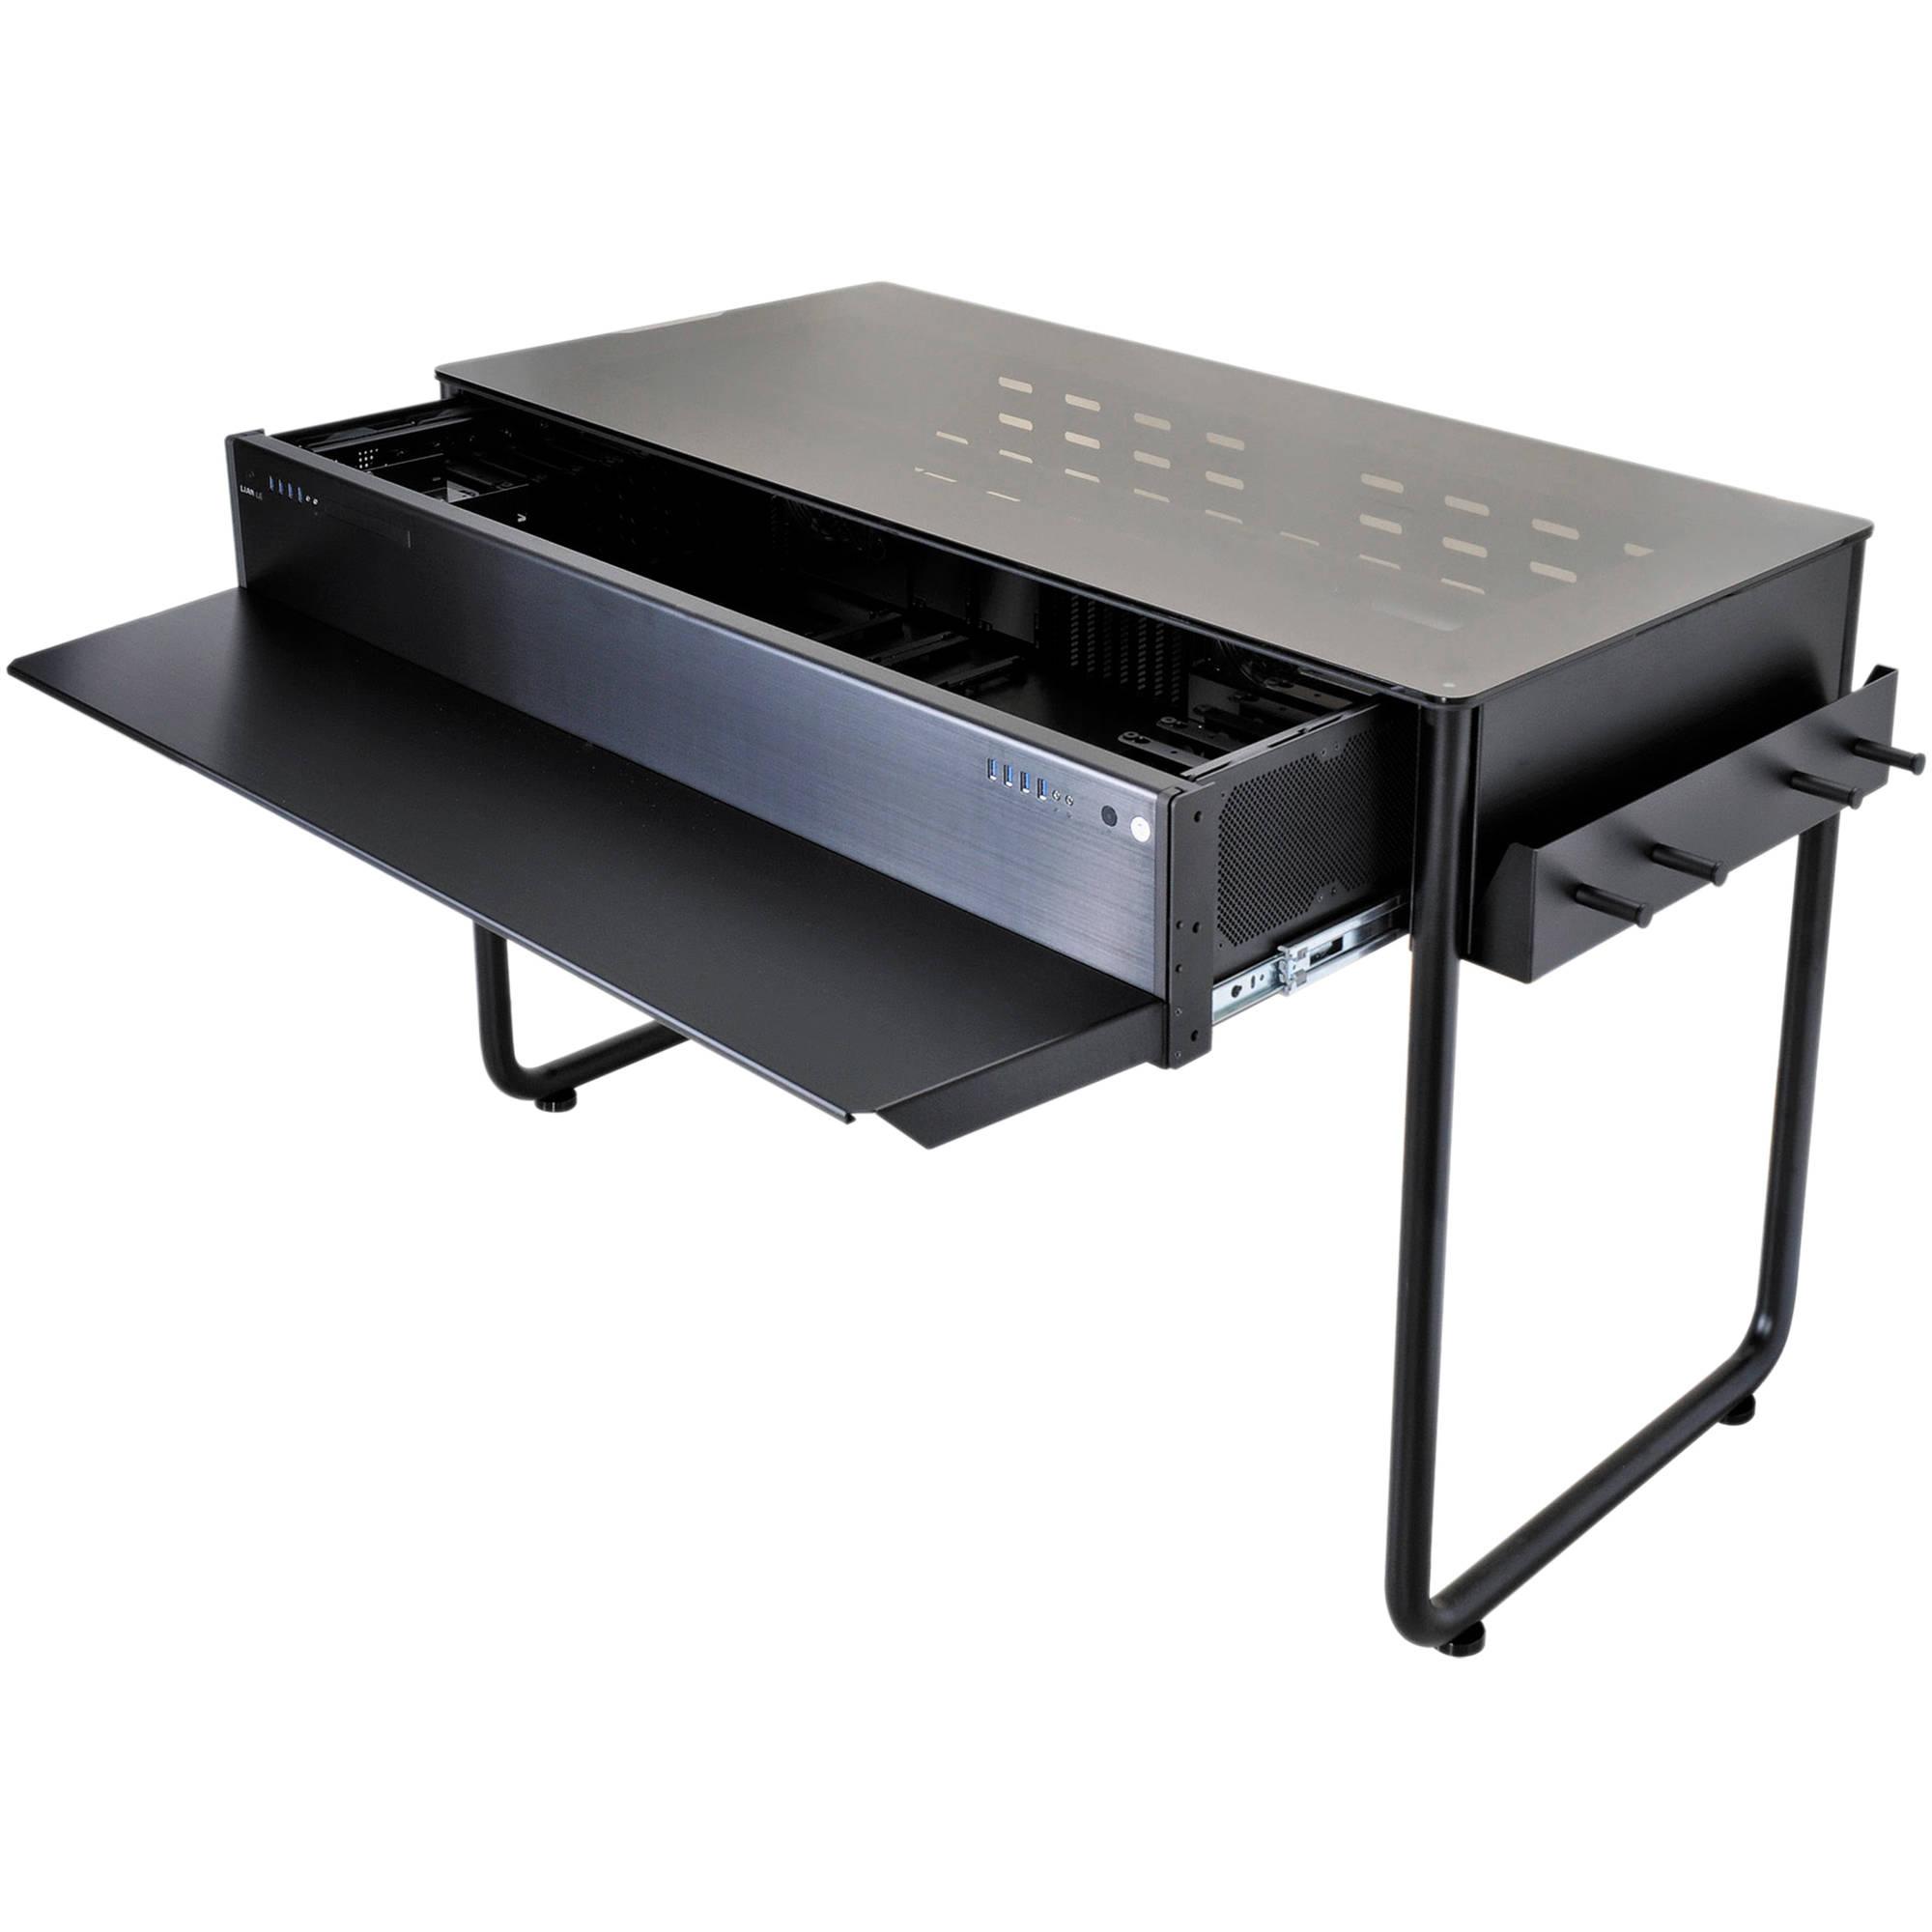 Lian Li Dk 02x Aluminum Computer Desk Black